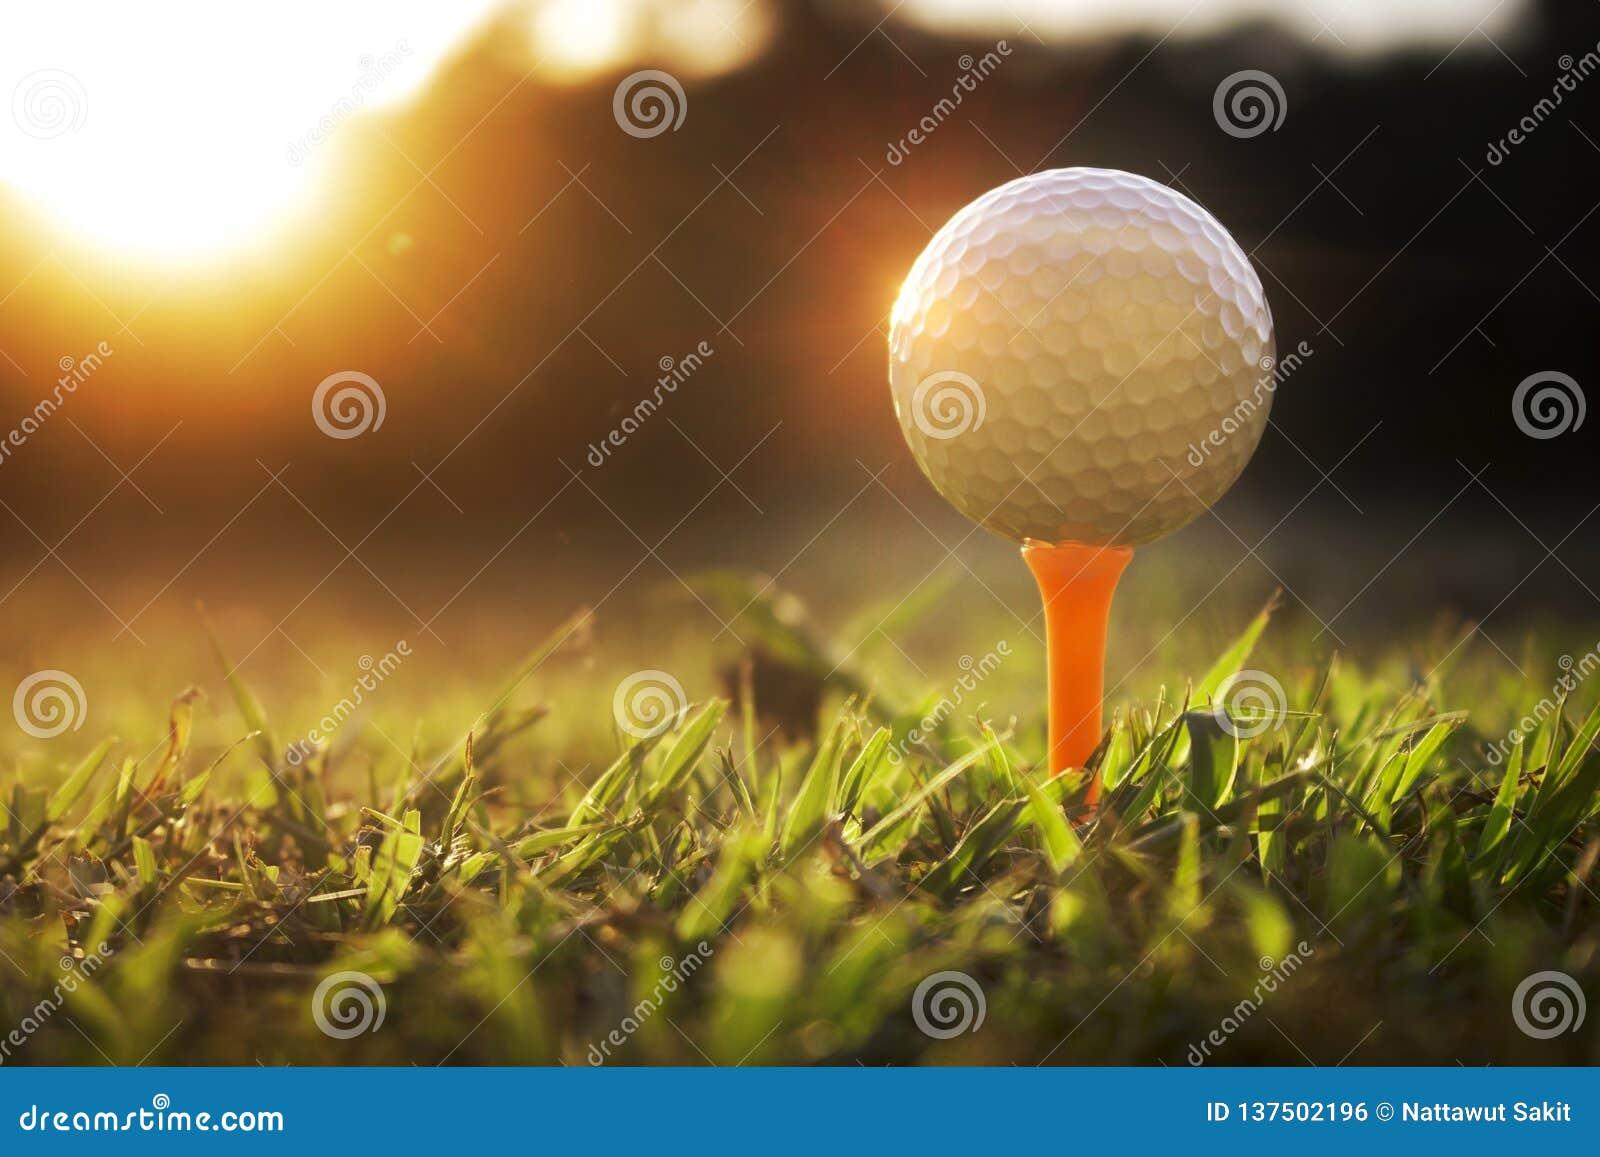 Piłki golfowe na trójniku w pięknych polach golfowych z słońcem wzrastają tło